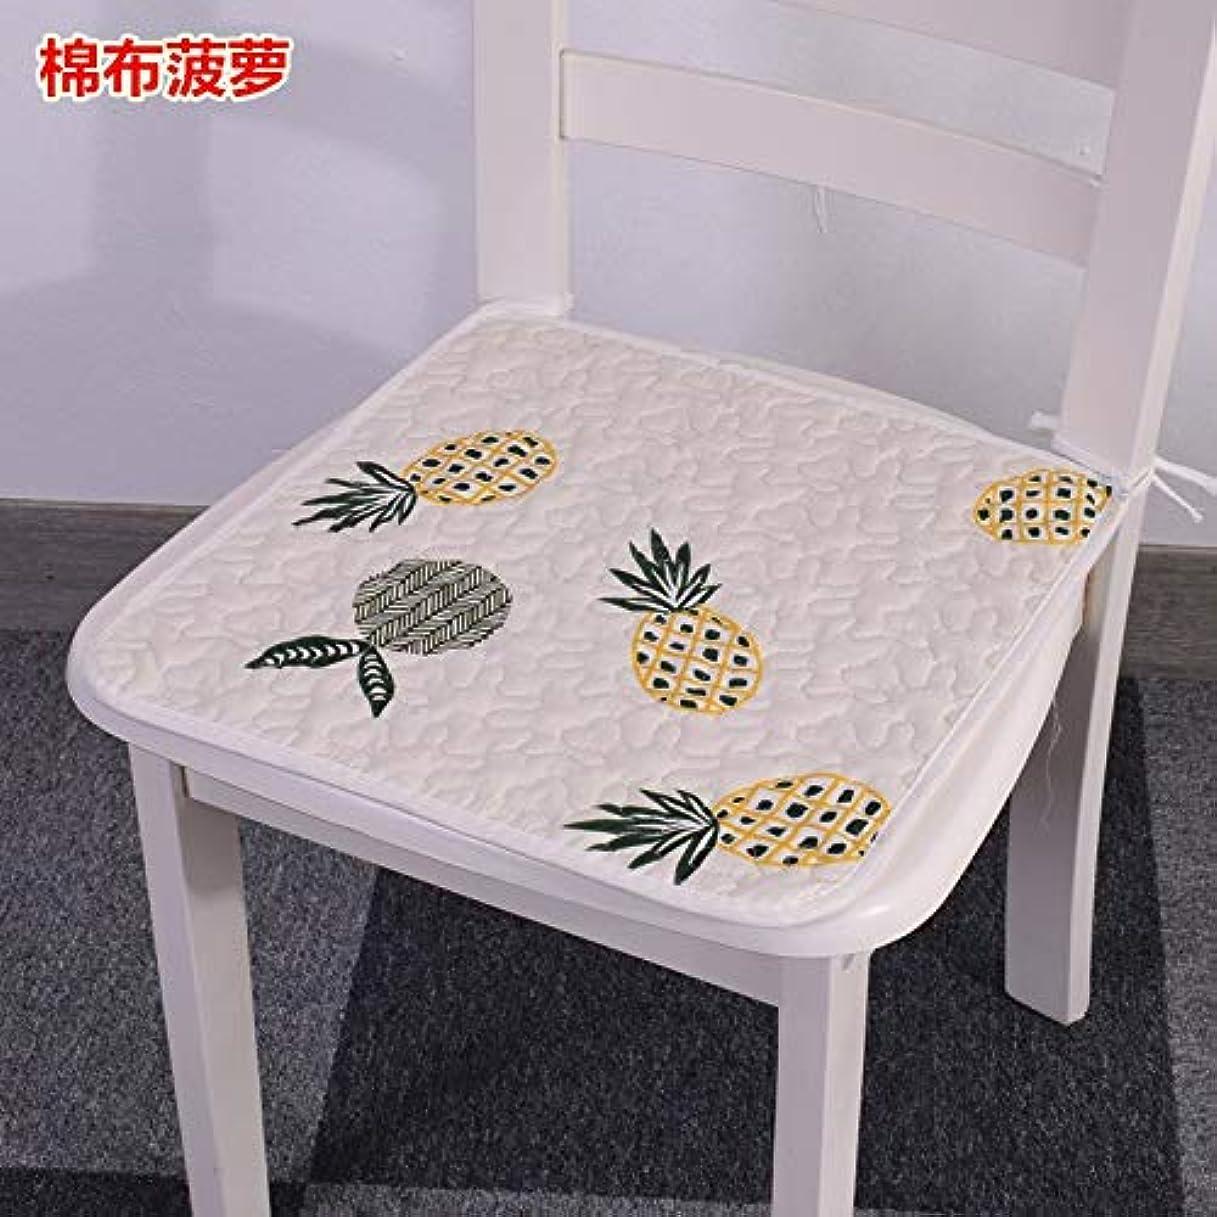 プレゼントきらめきメインLIFE 現代スーパーソフト椅子クッション非スリップシートクッションマットソファホームデコレーションバッククッションチェアパッド 40*40/45*45/50*50 センチメートル クッション 椅子